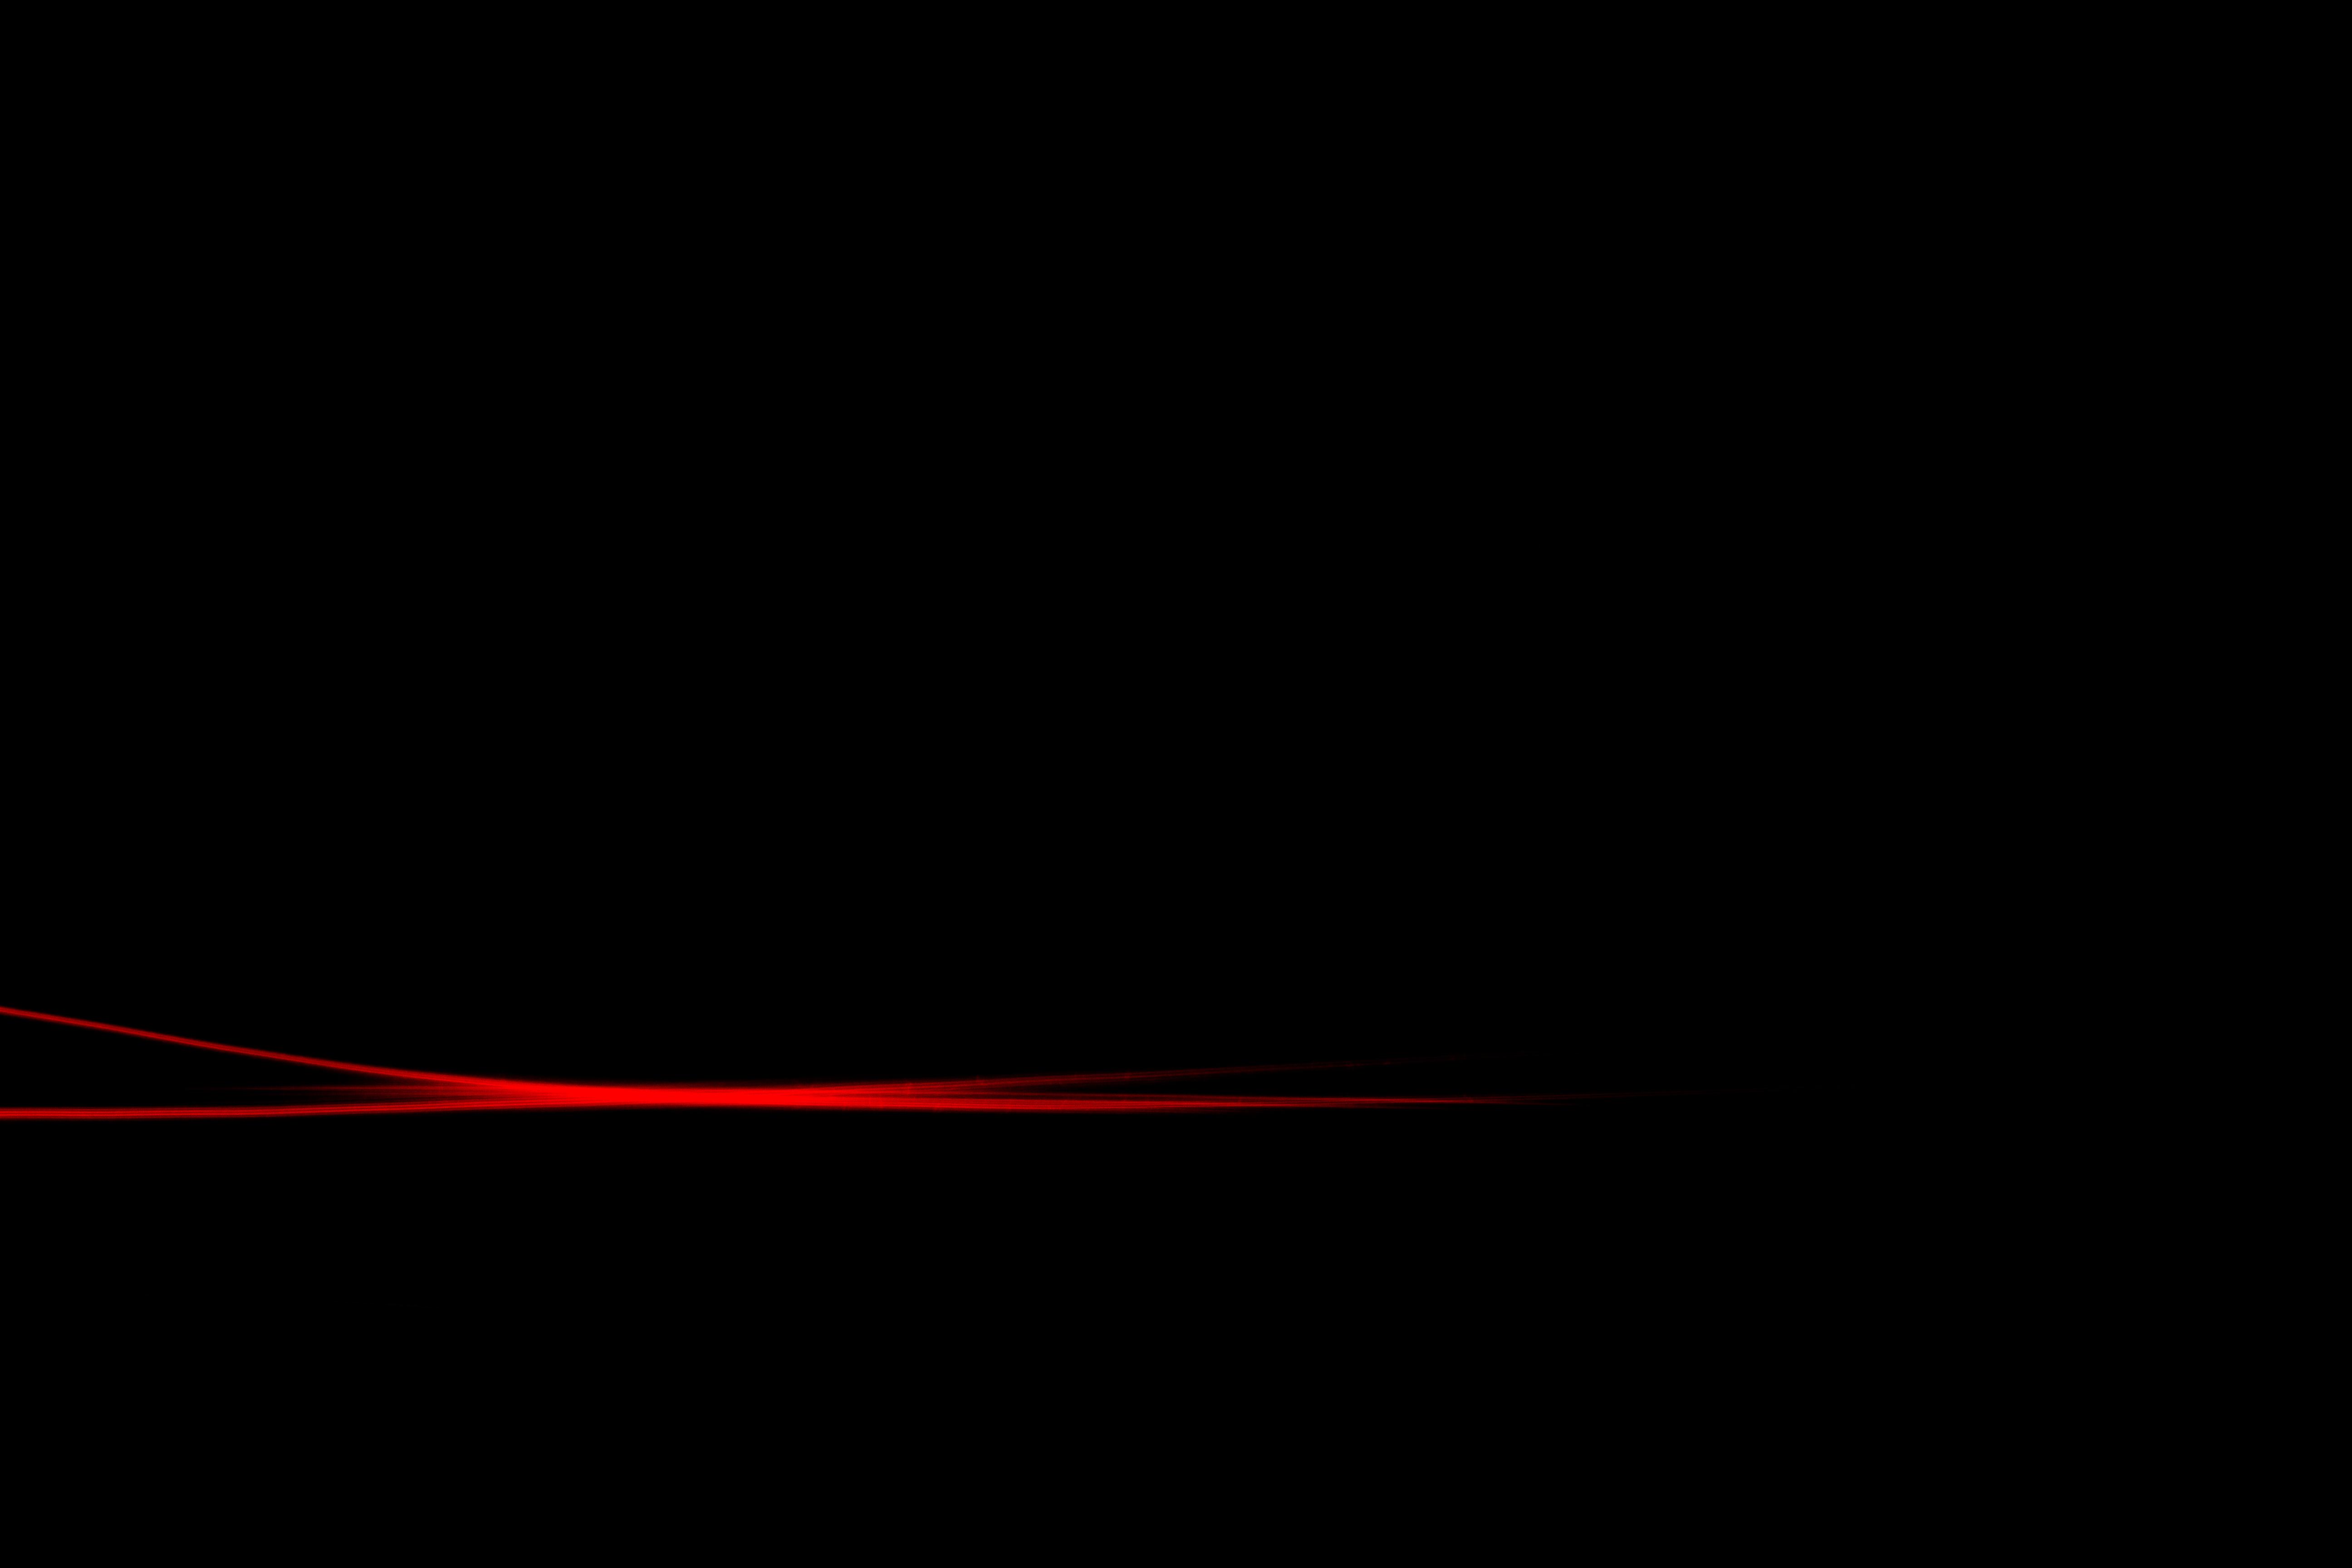 110433 скачать Черные обои на телефон бесплатно, Черный, Неон, Полосы, Линия Черные картинки и заставки на мобильный